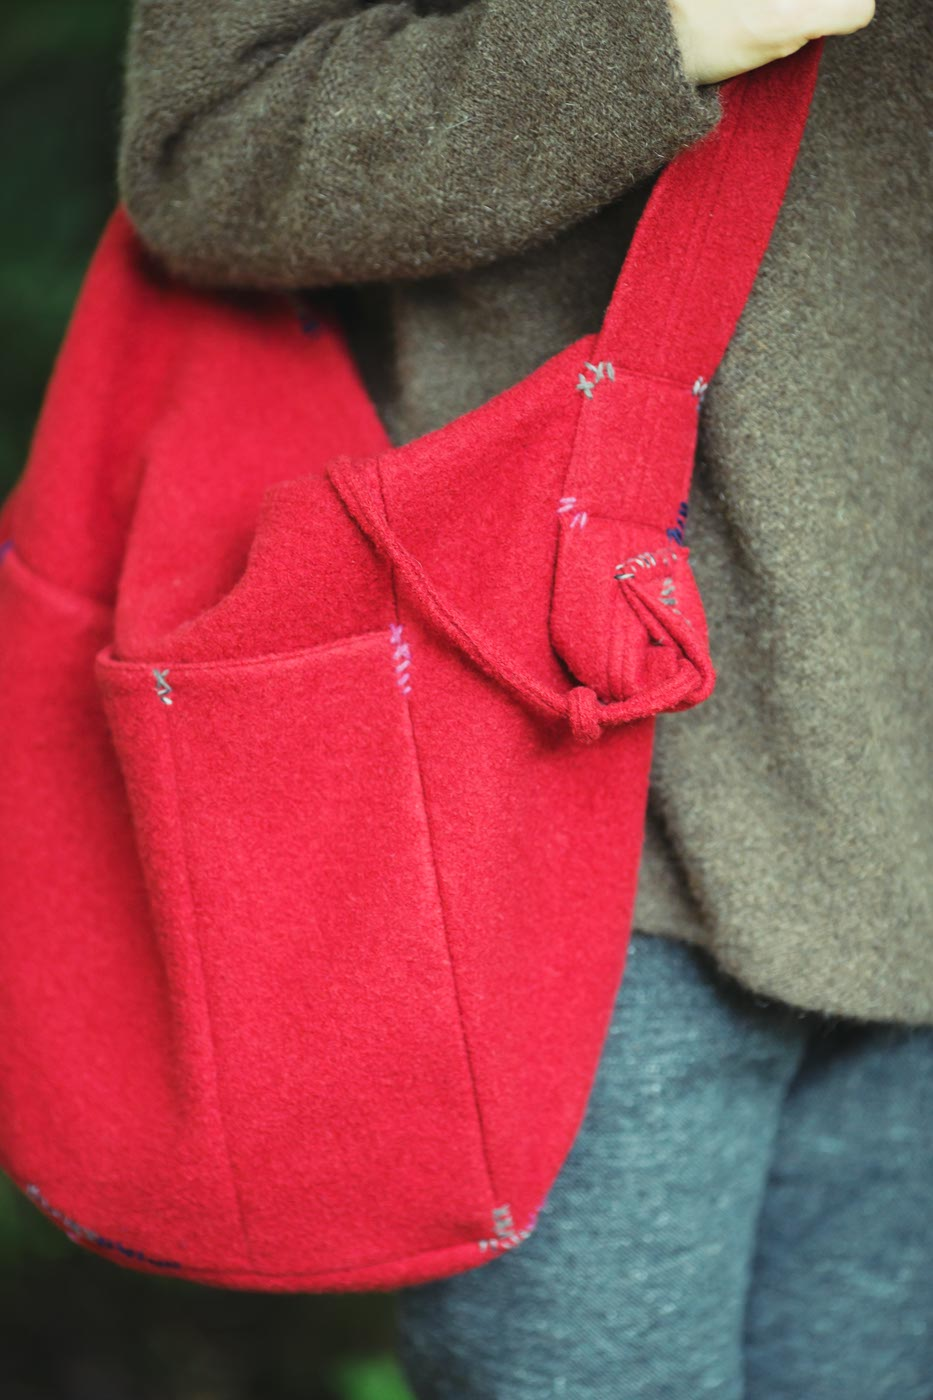 Felt Stitched Bag